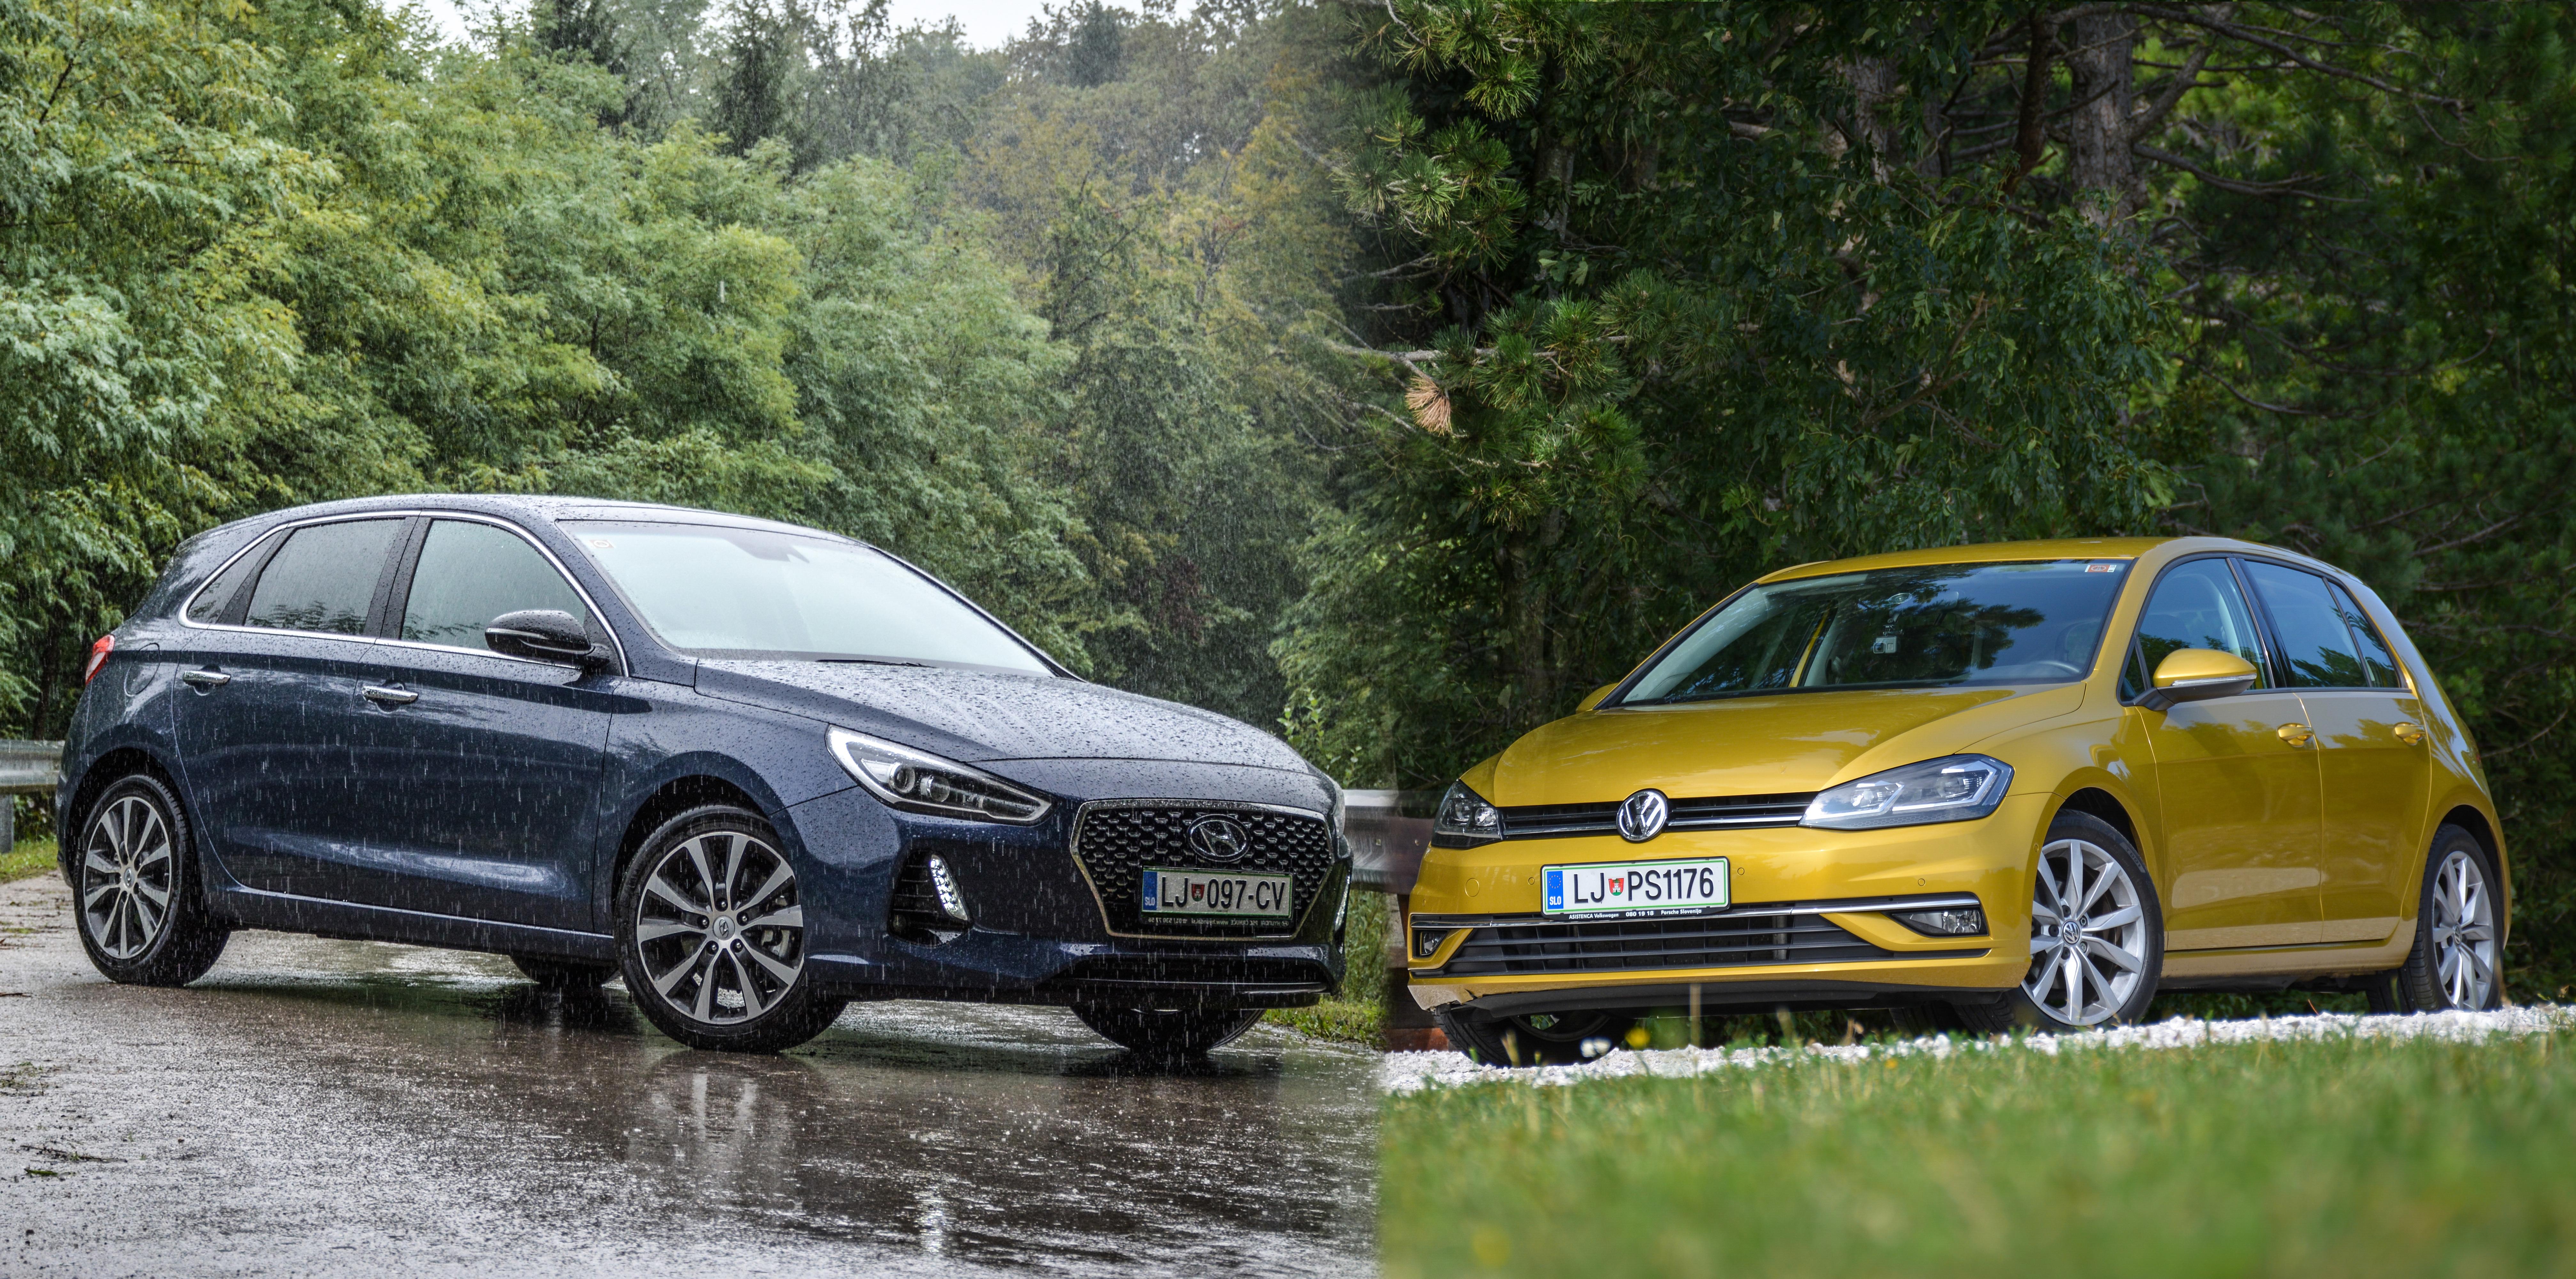 """Test: Volkswagen Golf ali Hyundai i30 z """"litrskima turbobencinarjema""""? Ali imamo novo merilo v segmentu?"""